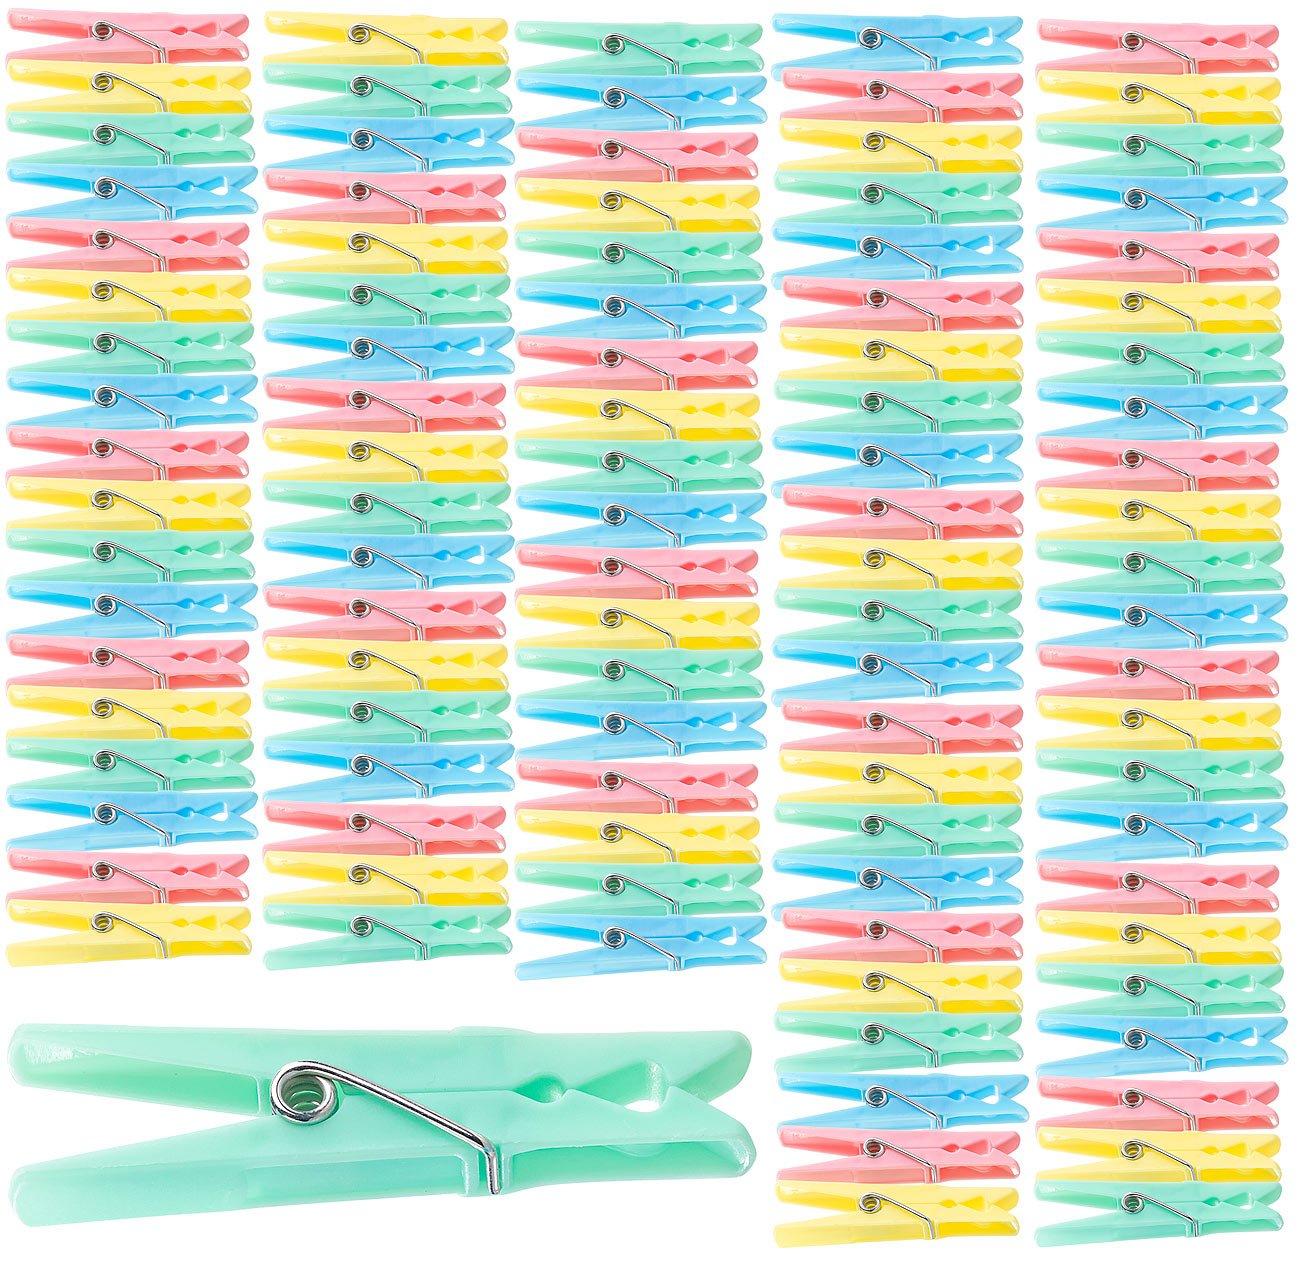 Bunte W/äscheklammern aus Kunststoff 7 cm 100 St/ück in 4 Farben PEARL W/äschklammern